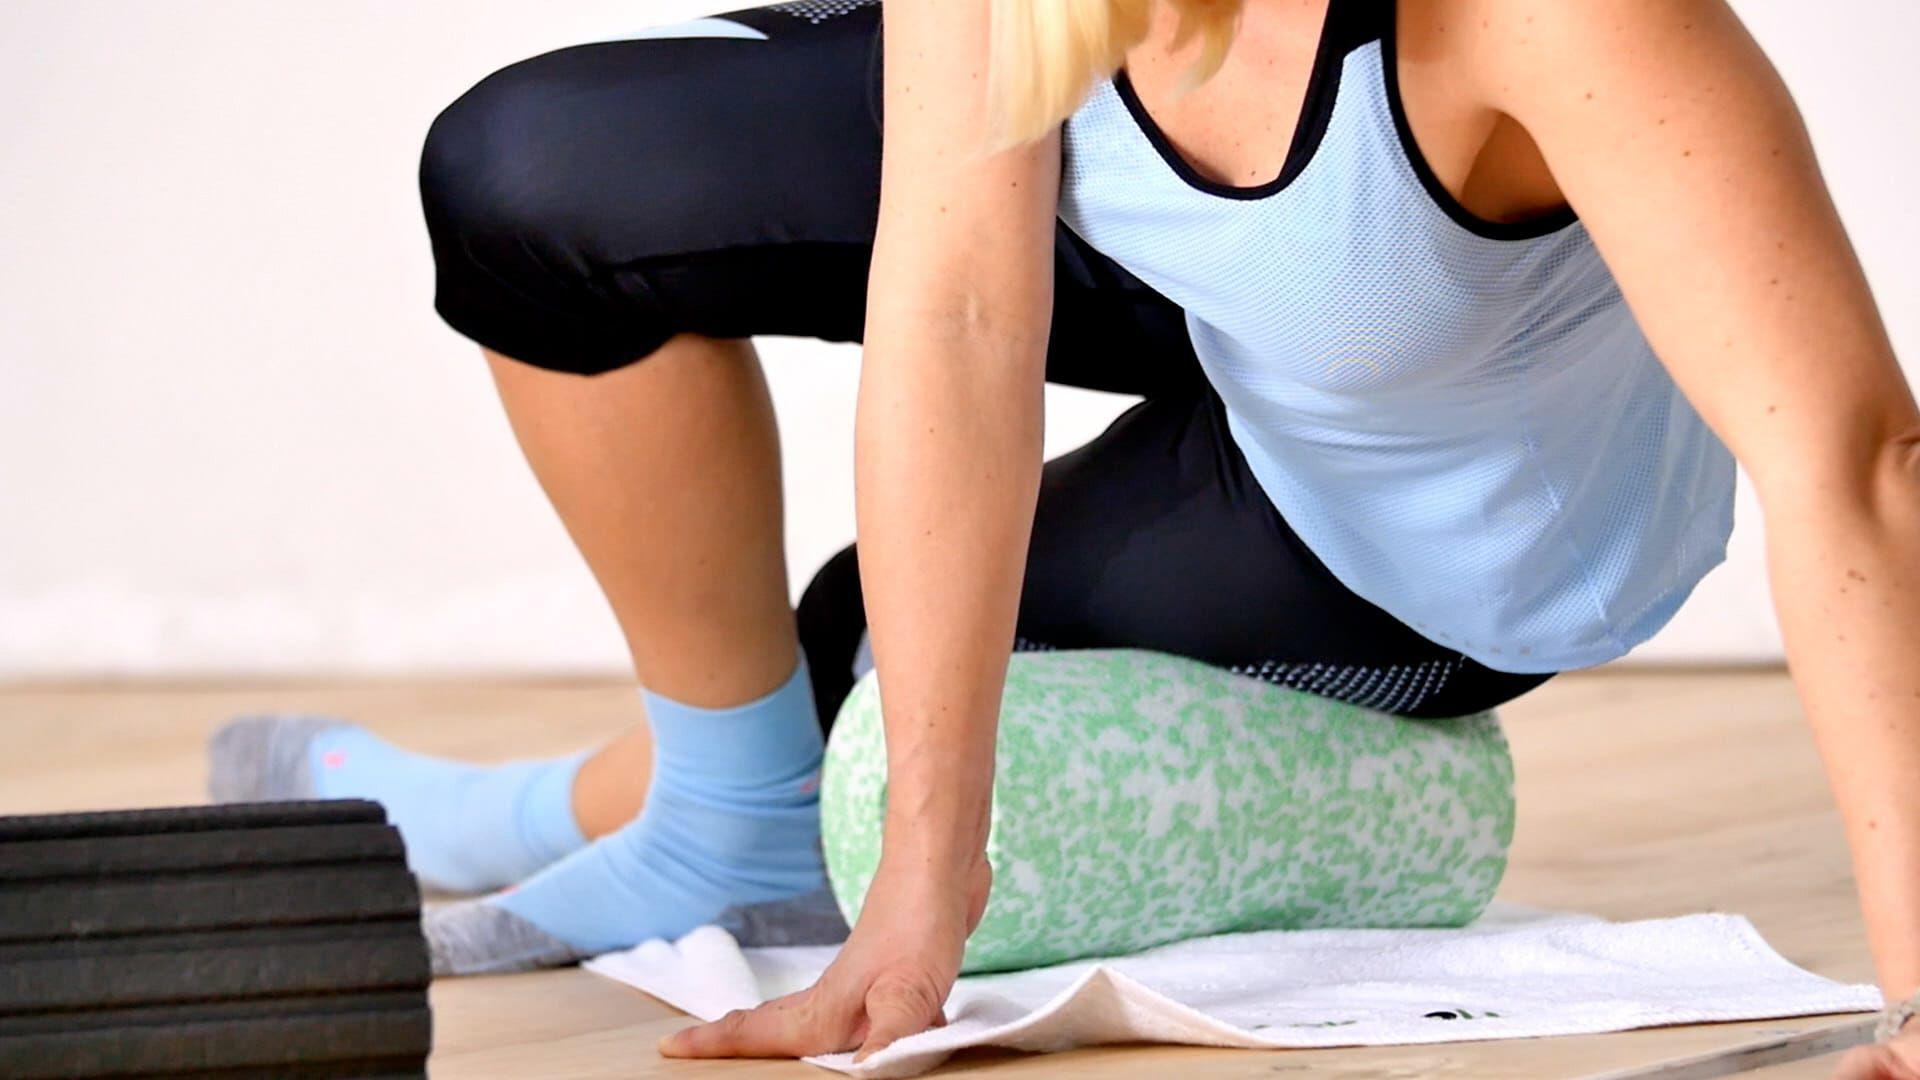 edzés után vállfájdalom)